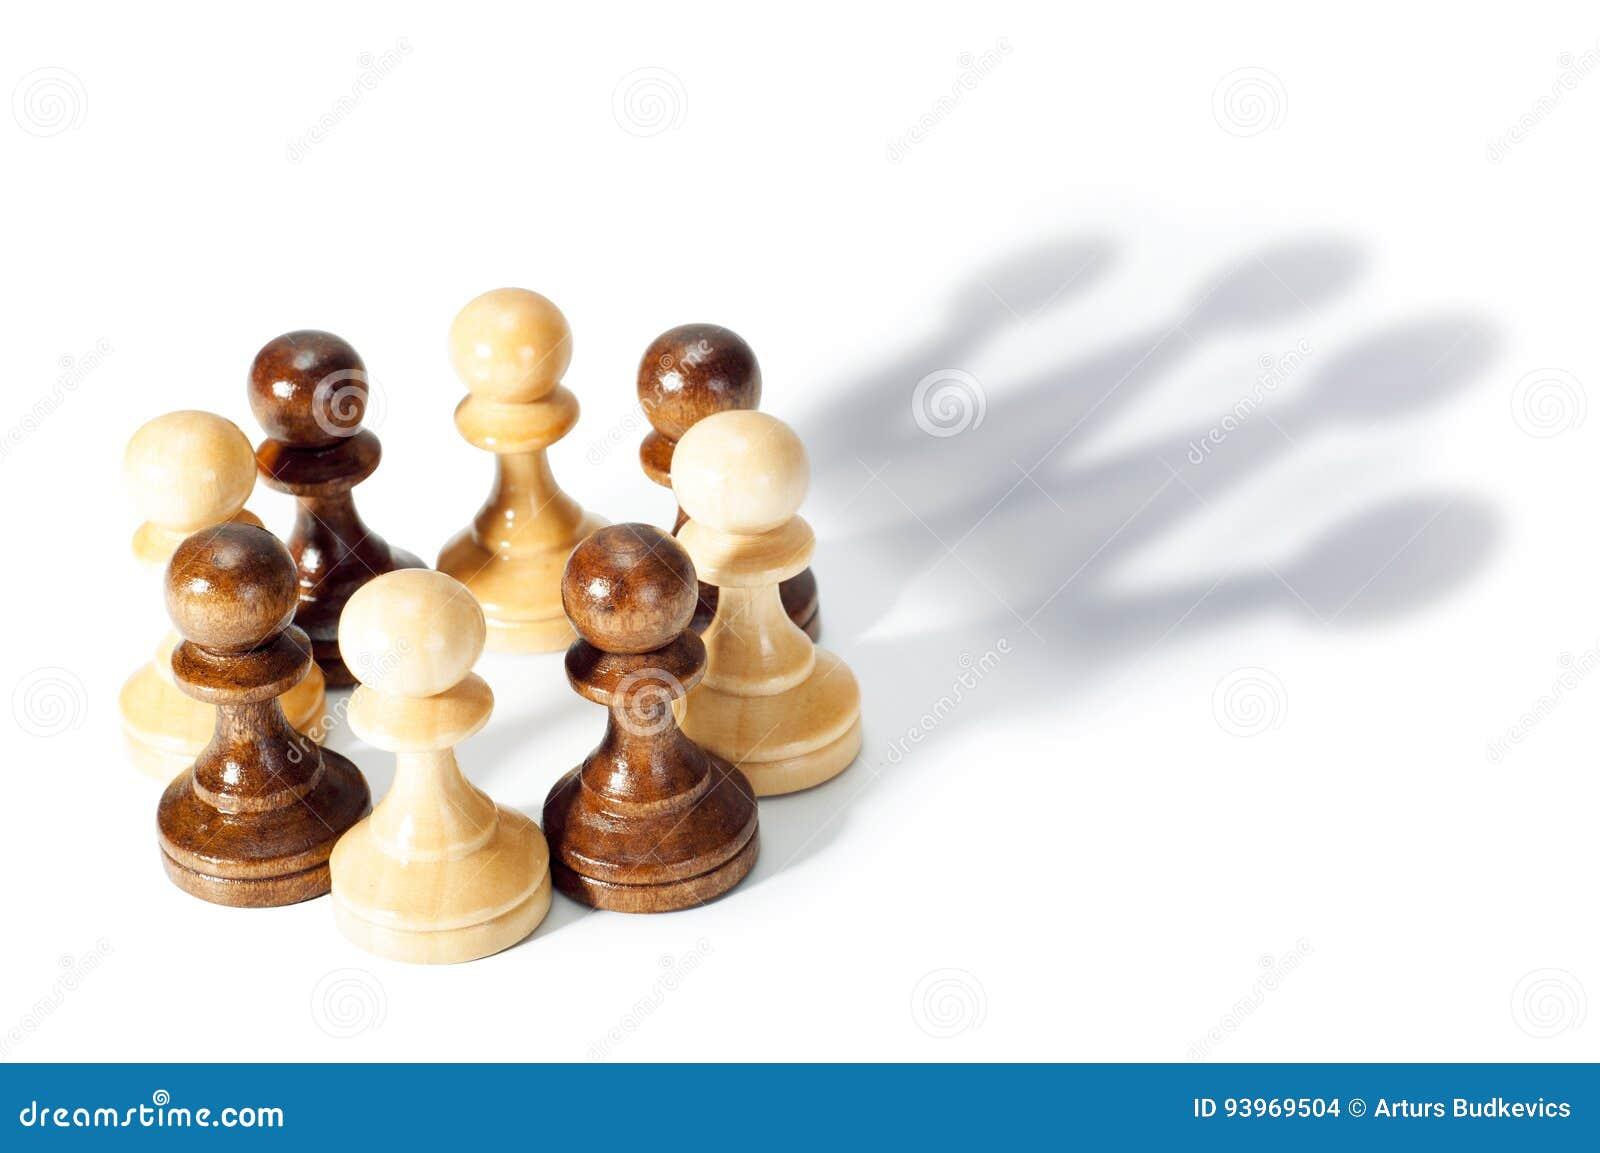 Επιχειρησιακή ηγεσία, δύναμη ομαδικής εργασίας και έννοια εμπιστοσύνης